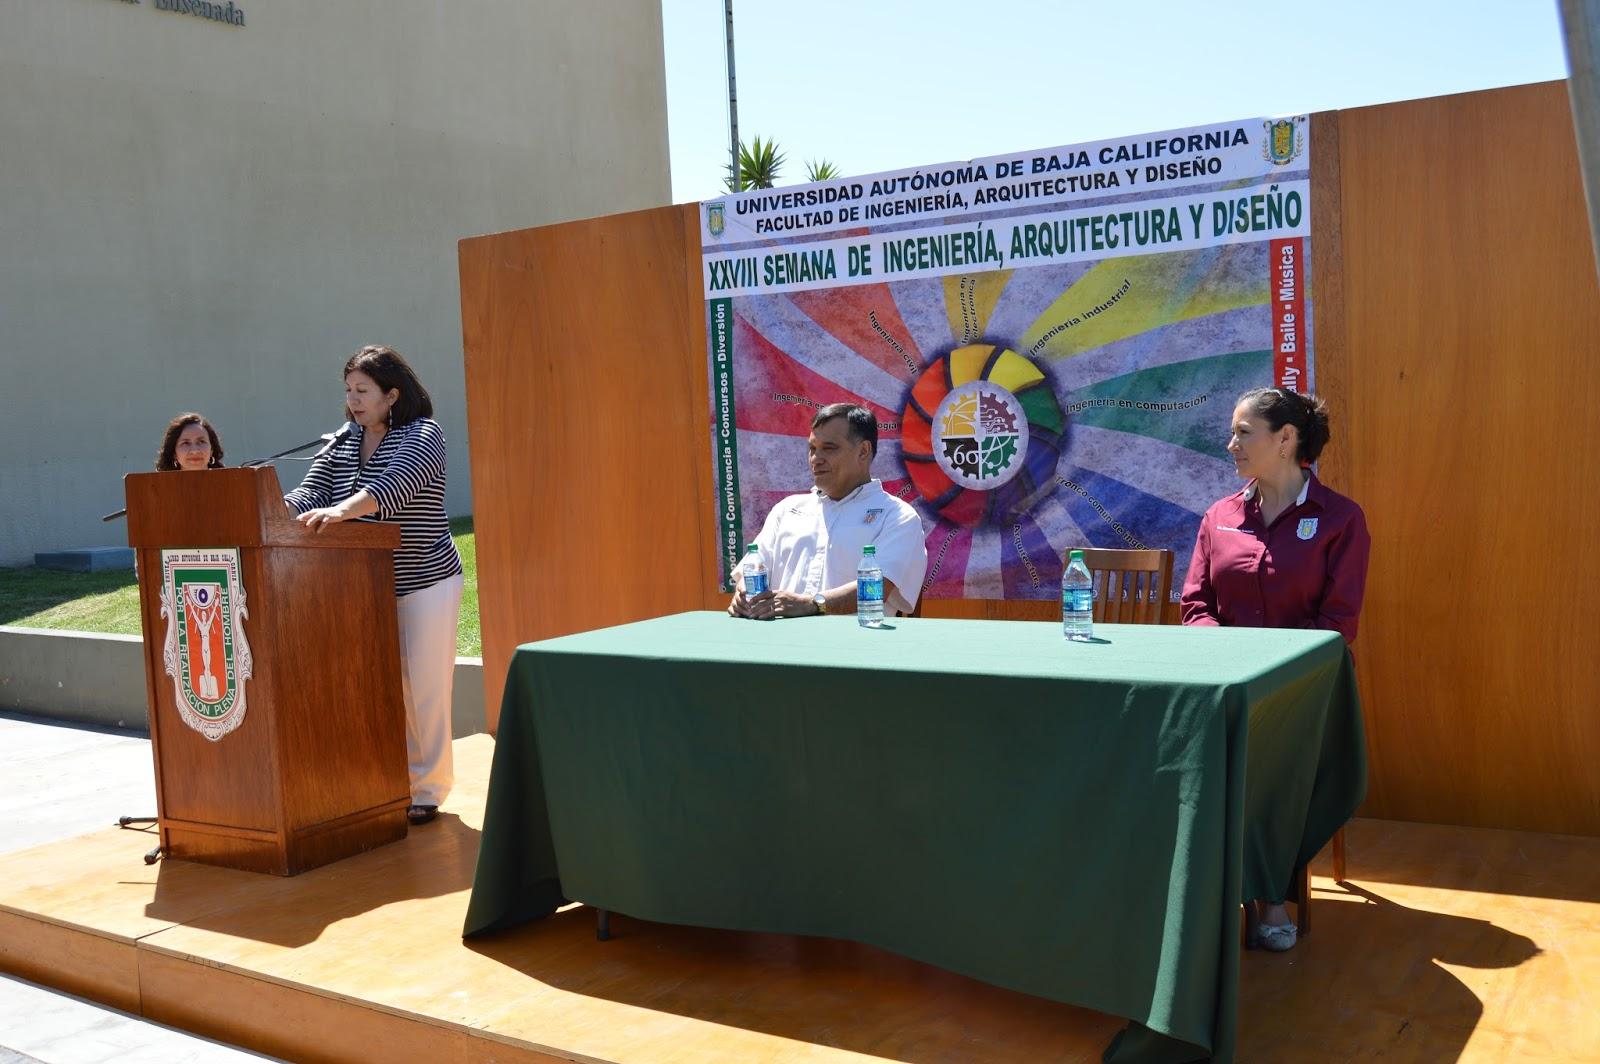 Rtnoticias celebran una edici n m s de la semana de Arquitectura y diseno uabc